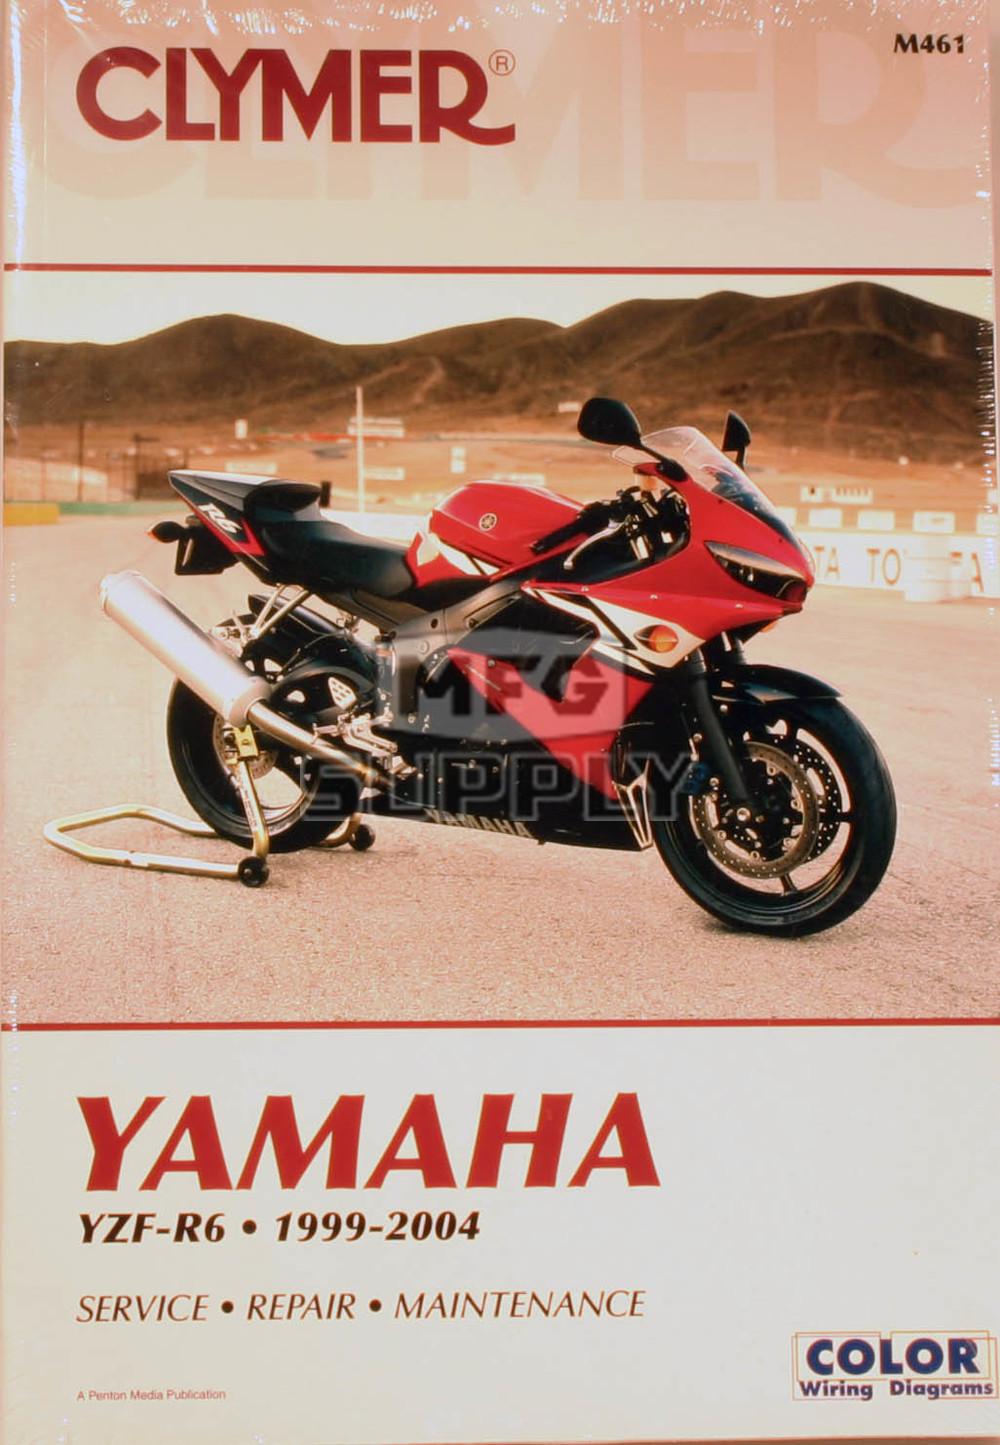 cm461 99 04 yamaha yzf r6 repair maintenance manual motorcycle rh mfgsupply com yamaha r6 99-02 service manual Yamaha R6 2011